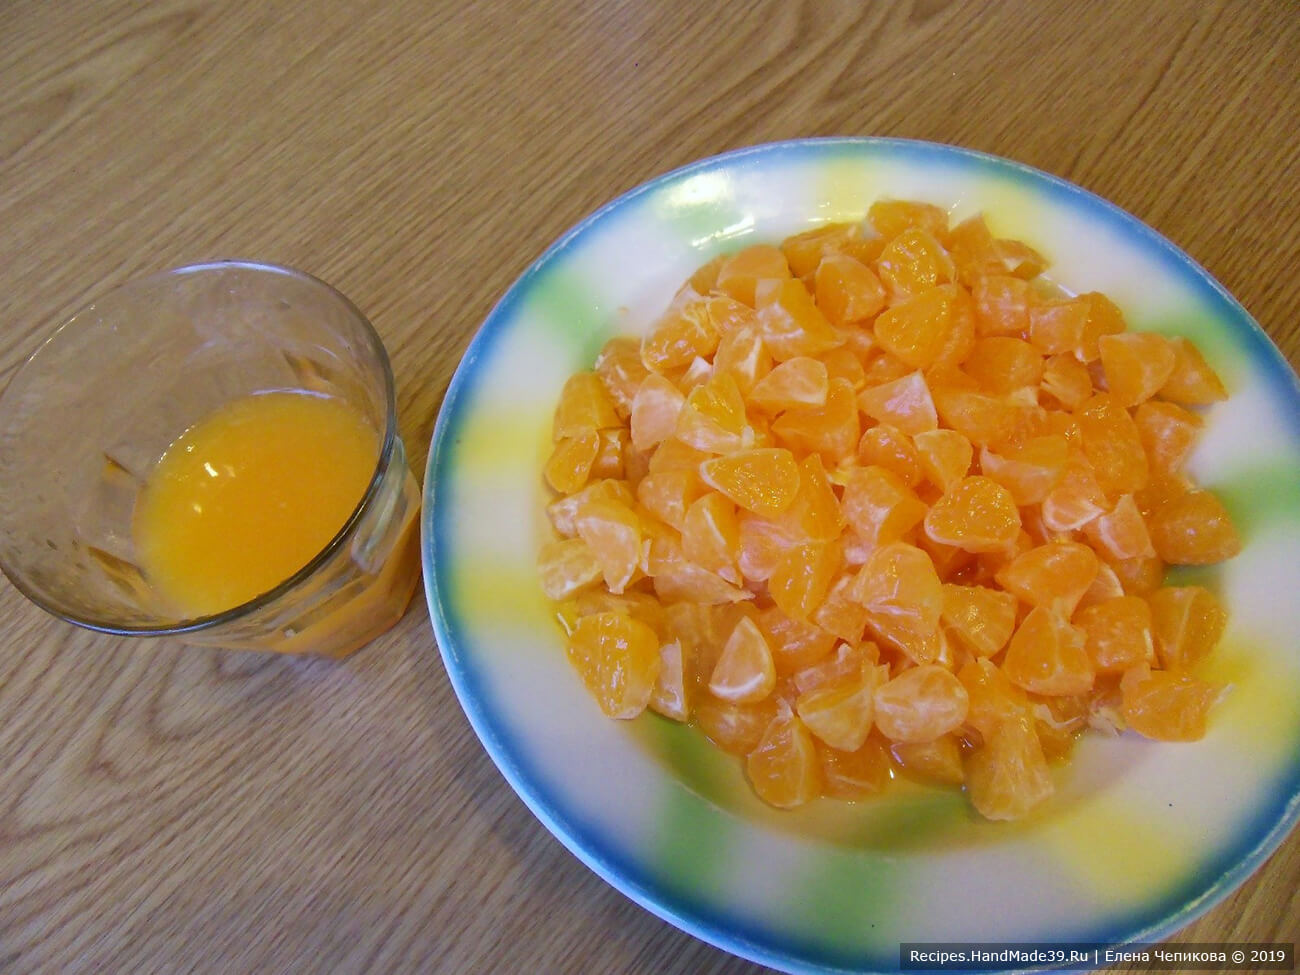 Мандарины очистить от кожуры. 2/3 всех мандаринов нарезать маленькими кусочками